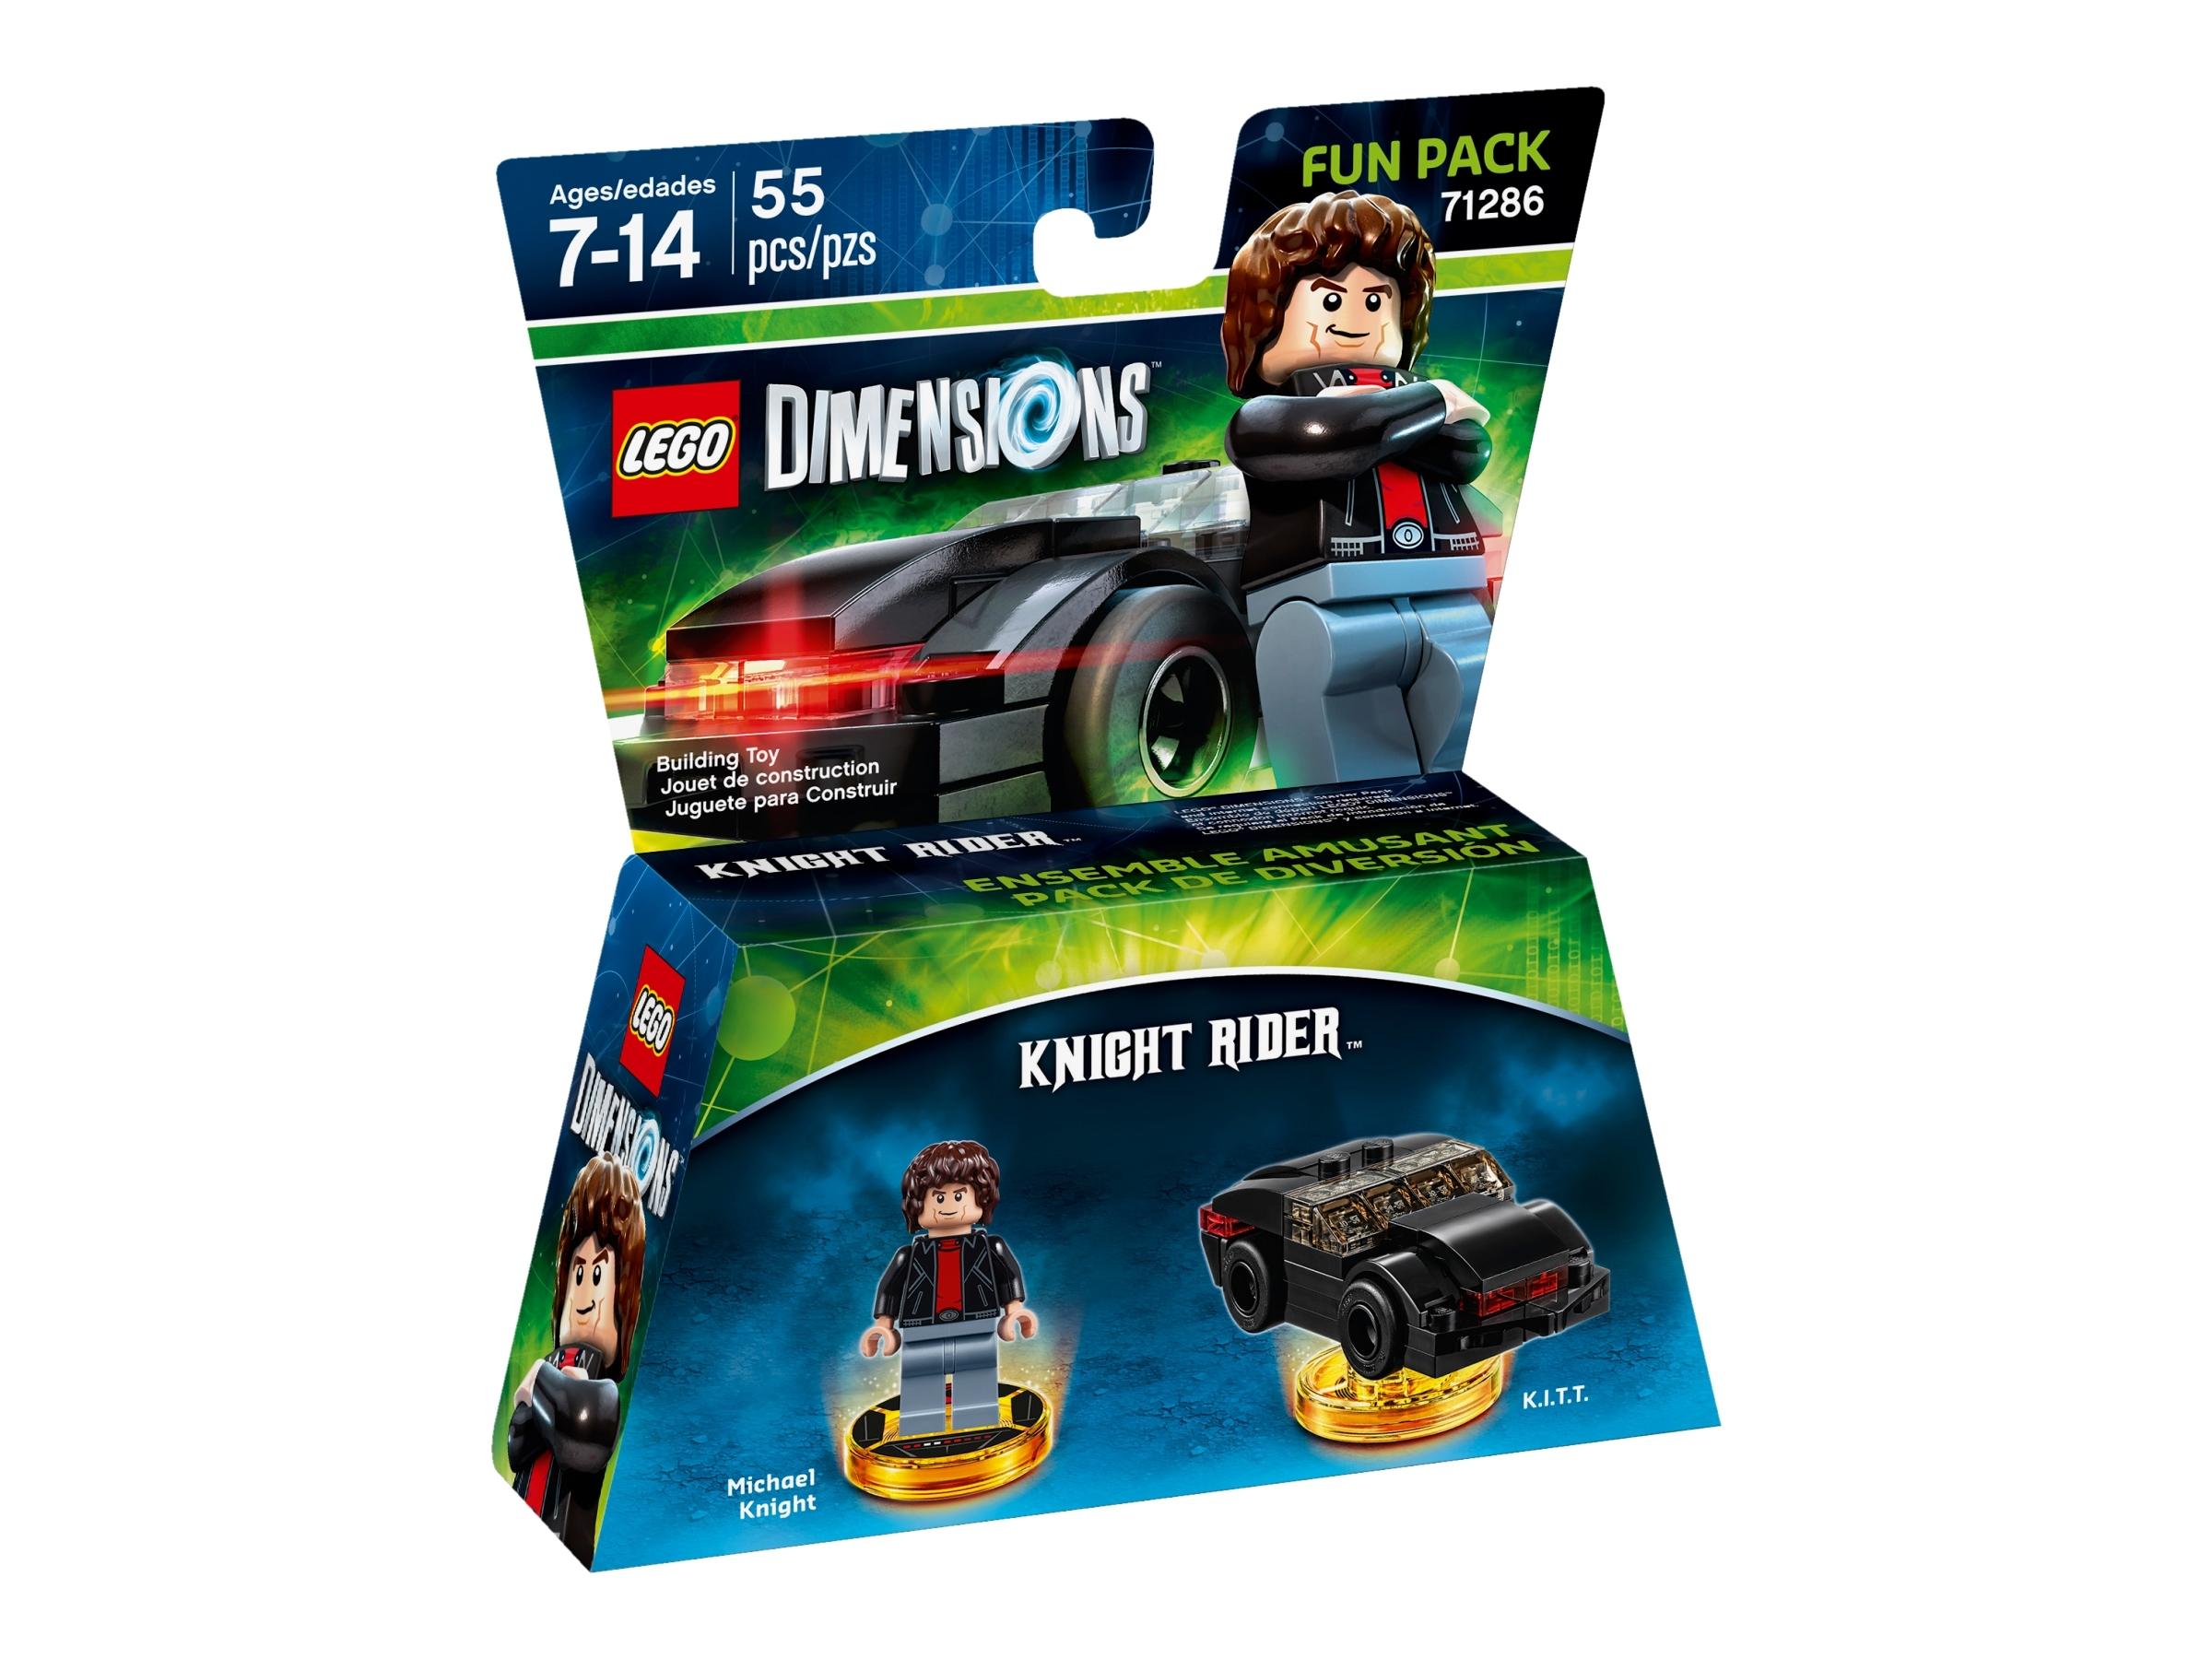 71286 virallinen lego 71286 kaupasta fi